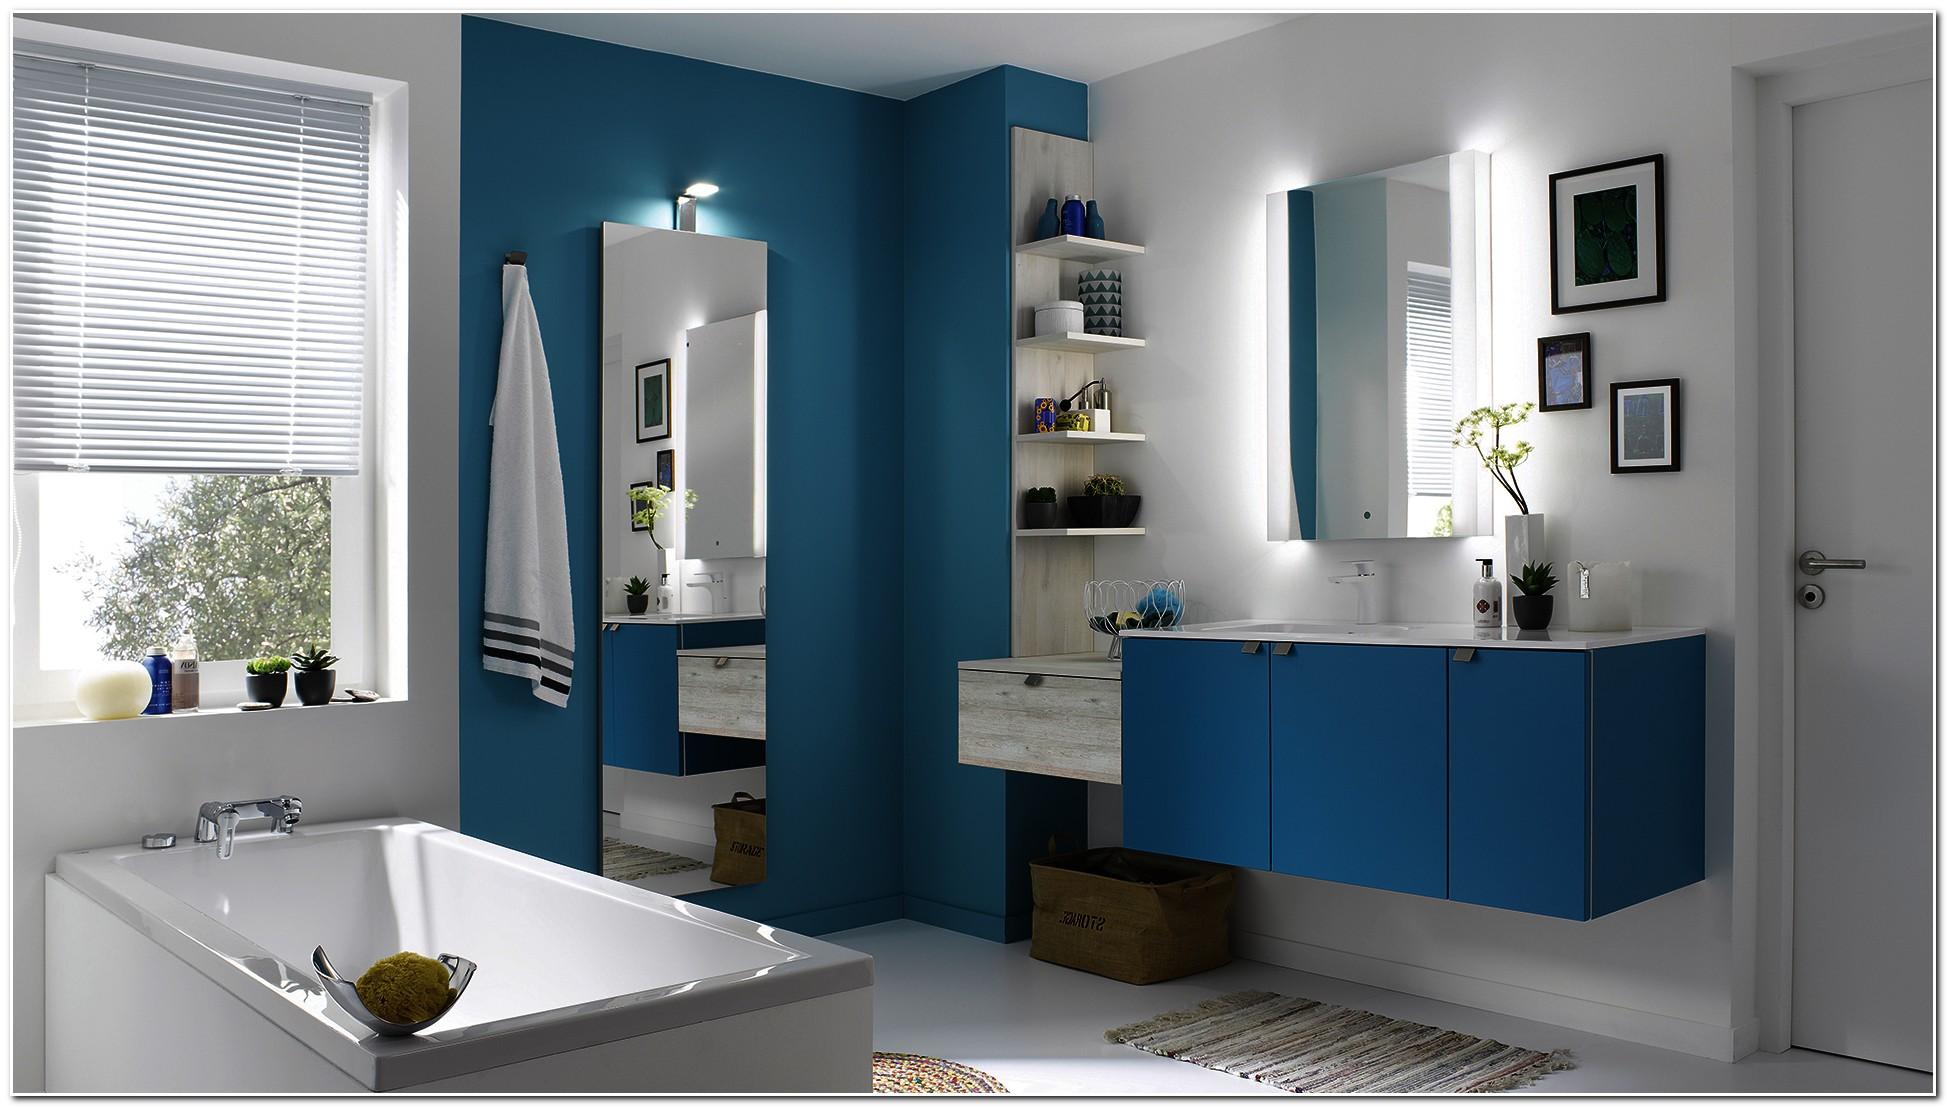 Meuble Salle De Bain Bleu Ciel